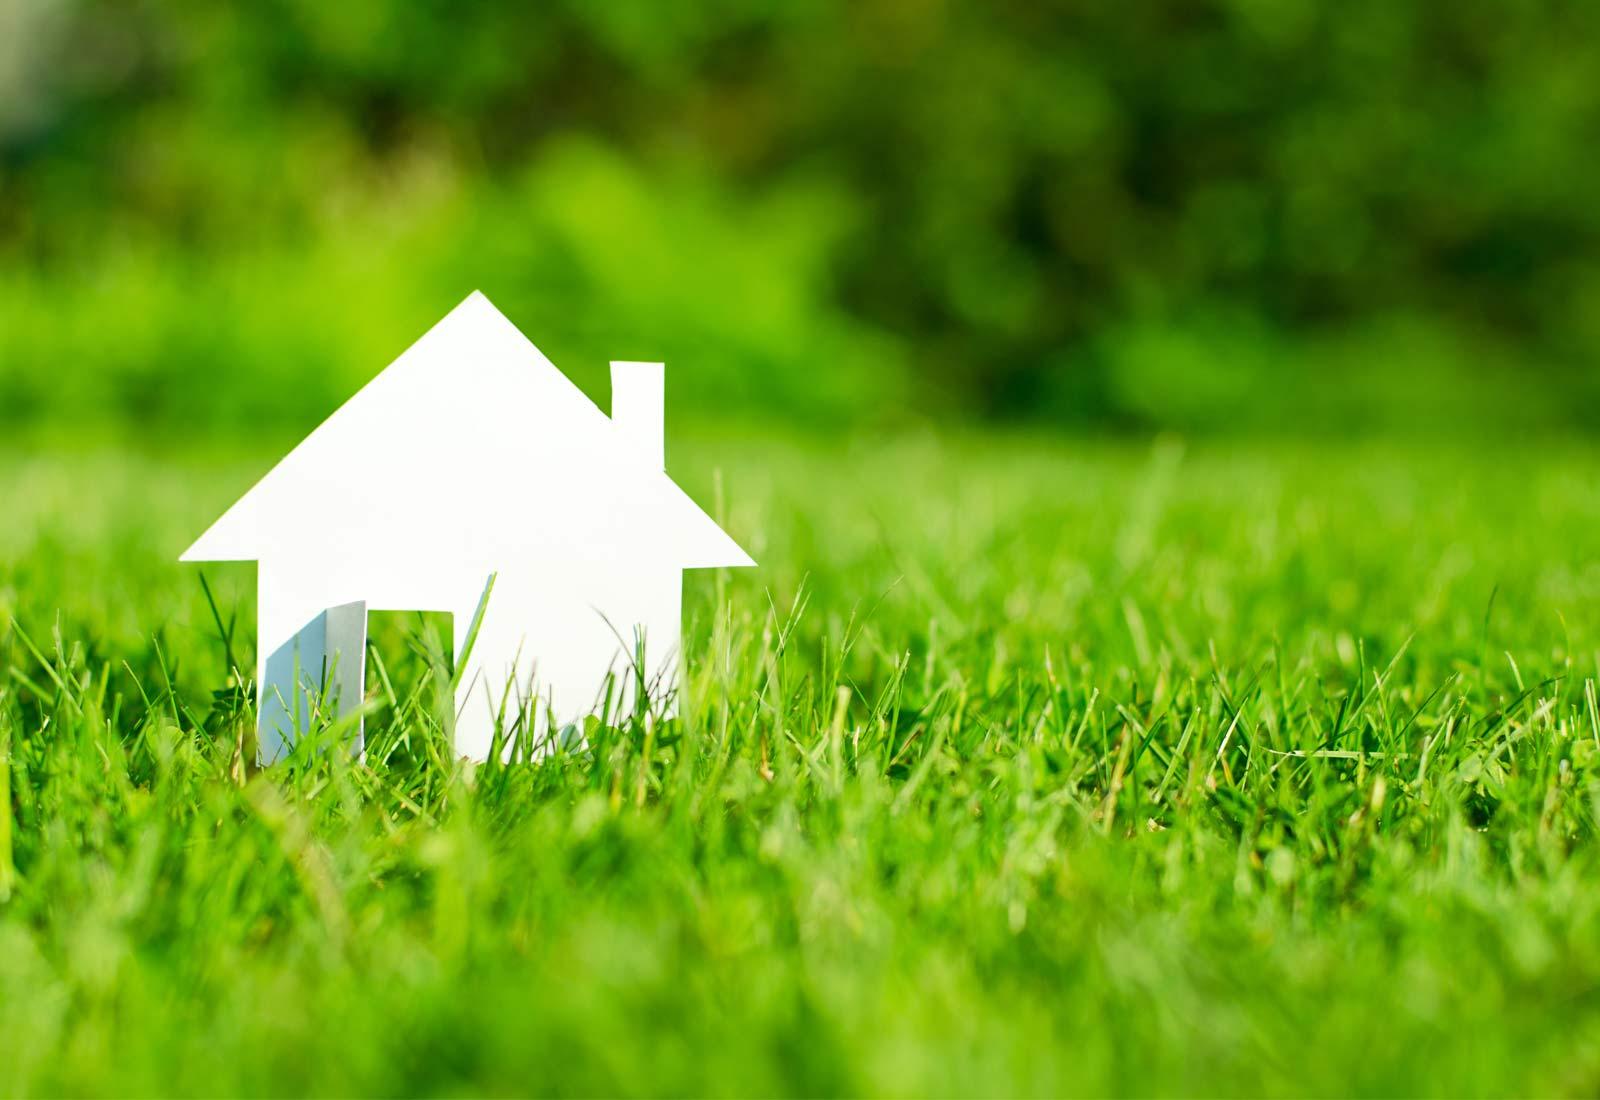 Quotatis qu est ce qu une maison cologique - Qu est ce qu une maison ecologique ...